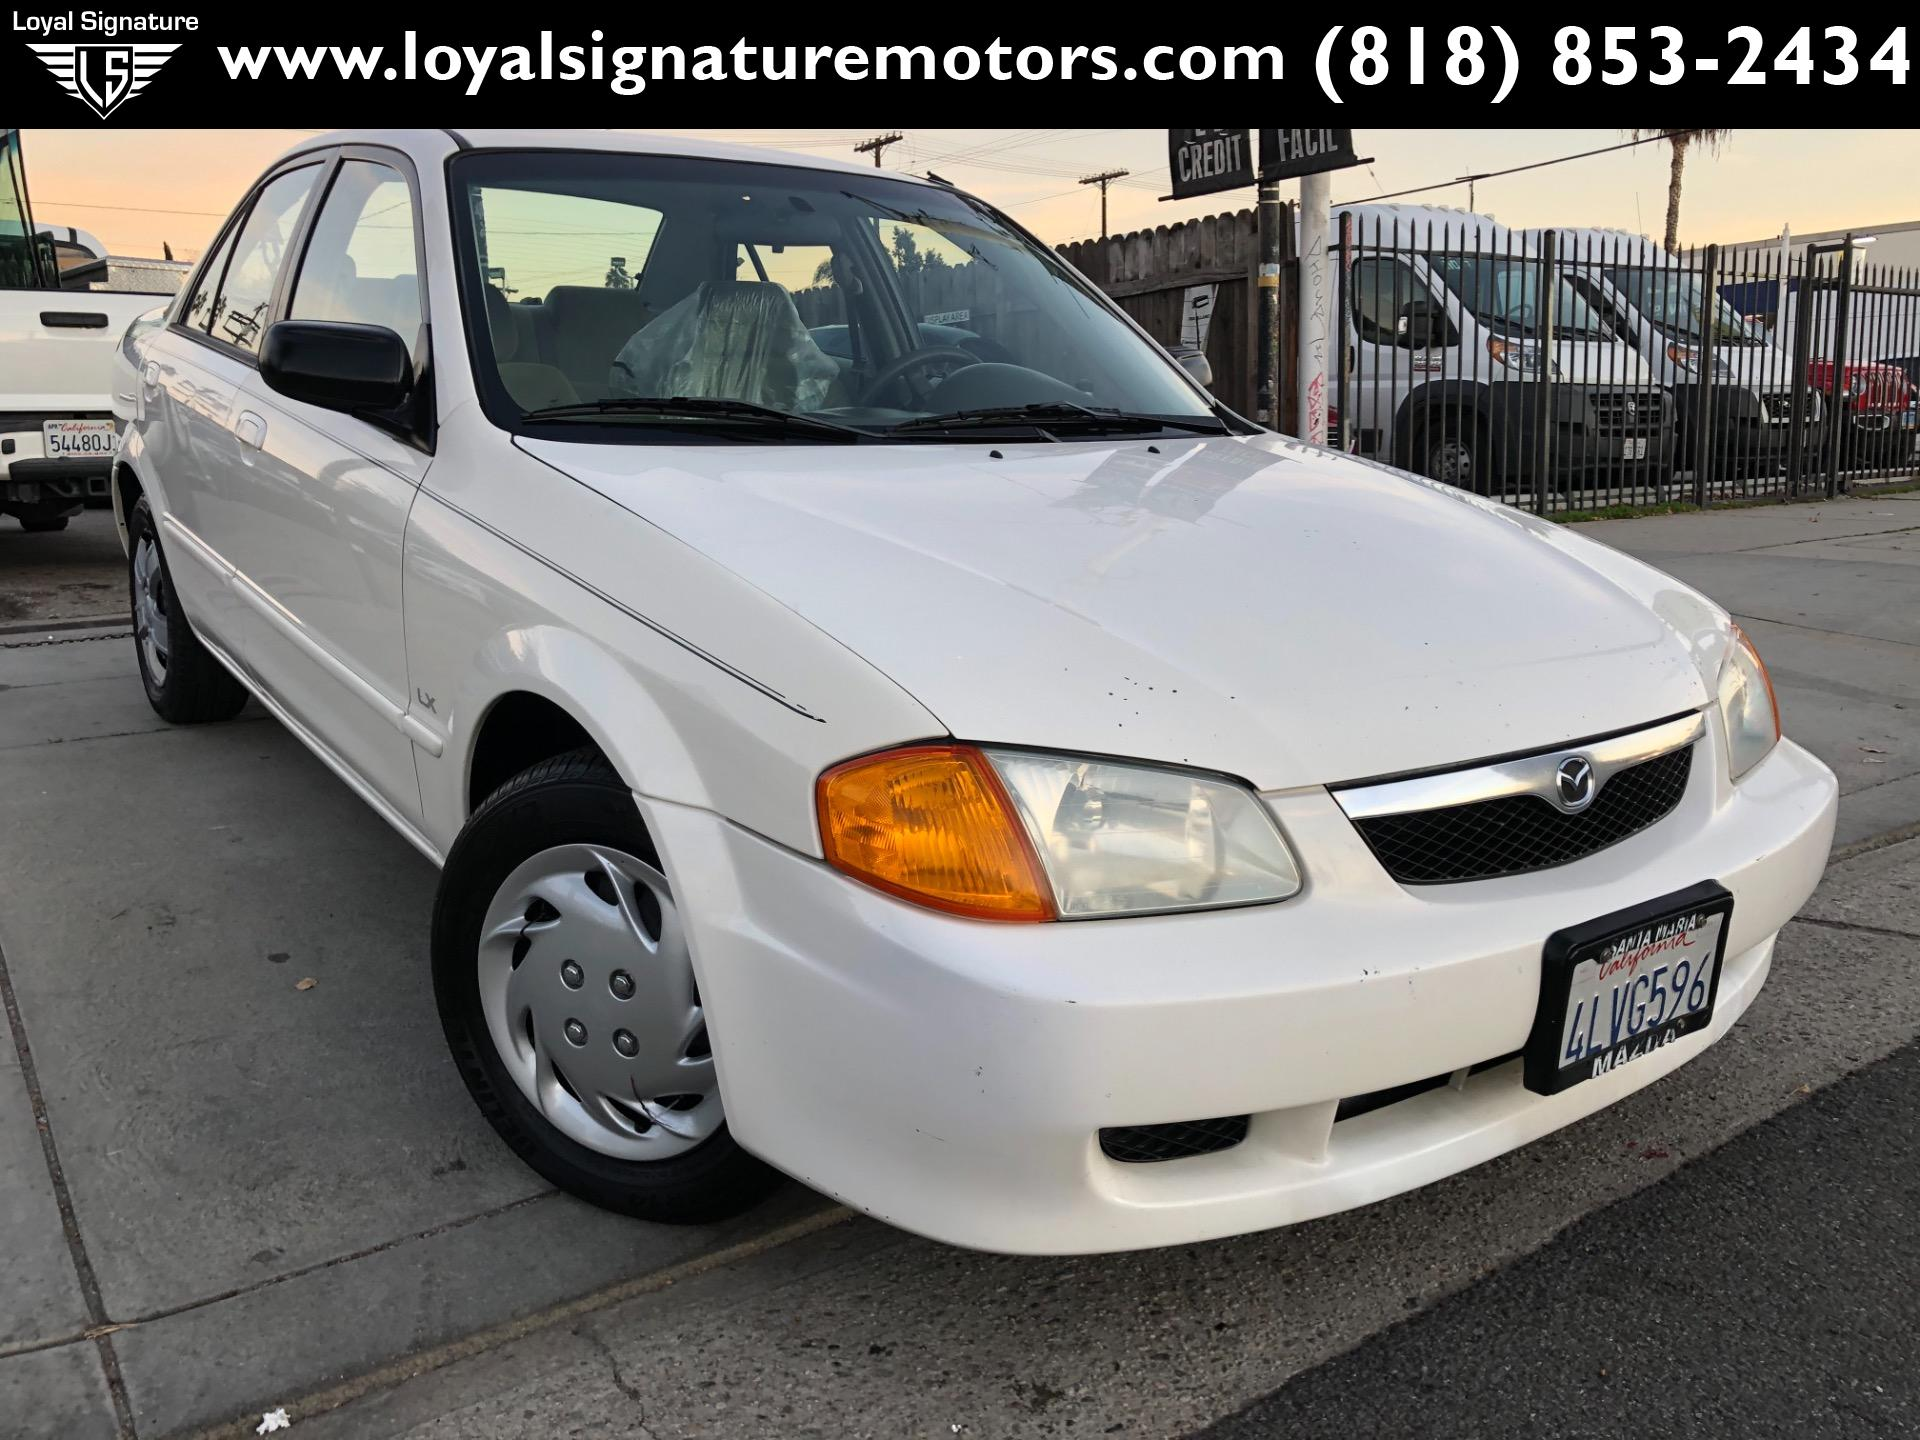 Used 2000 Mazda Protege LX | Van Nuys, CA